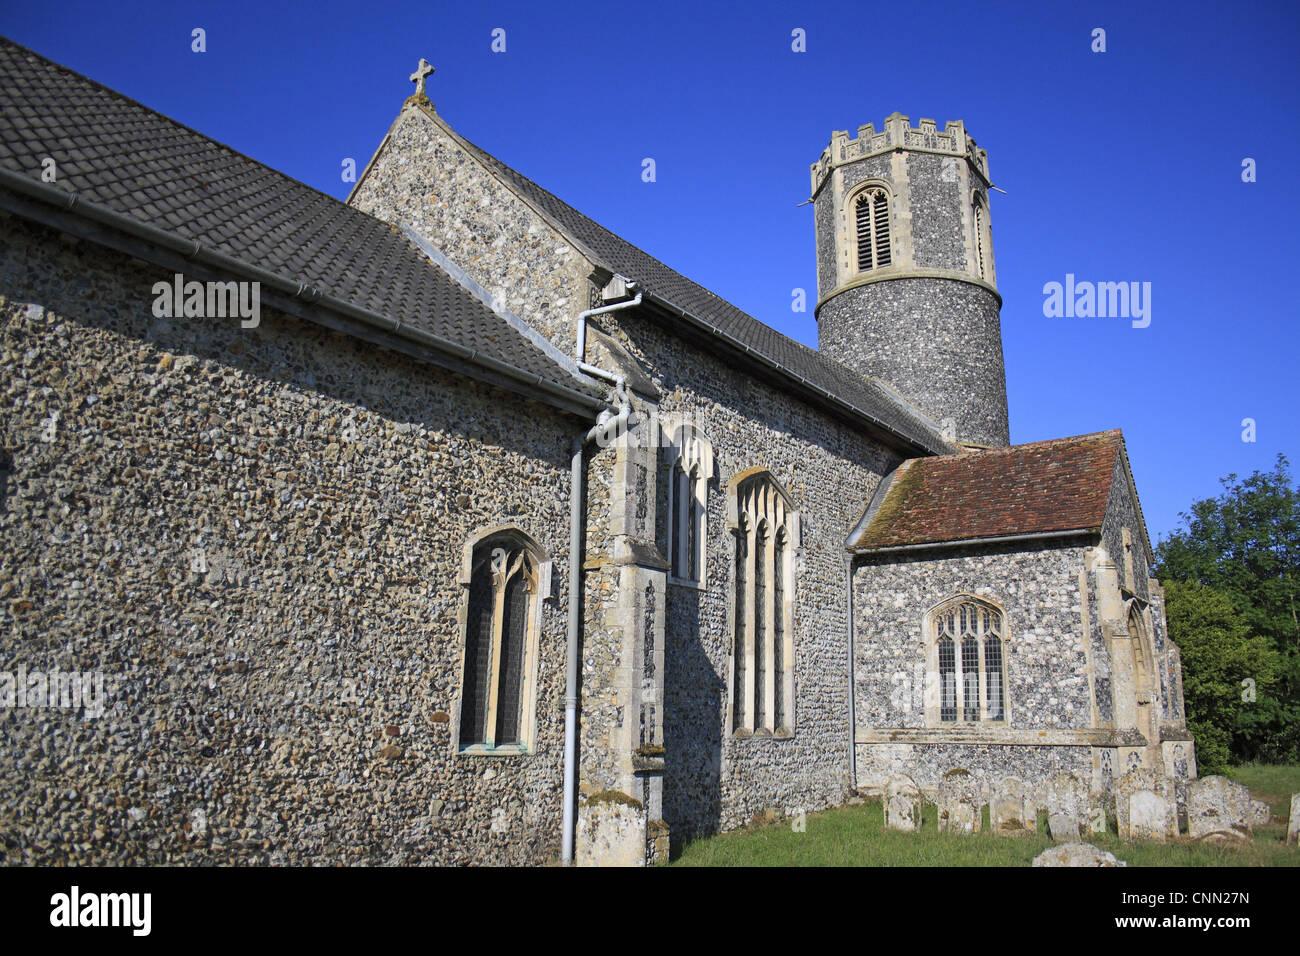 Village church with 15th Century round-tower, St. Remigius Church, Roydon, Upper Waveney Valley, Norfolk, England, - Stock Image